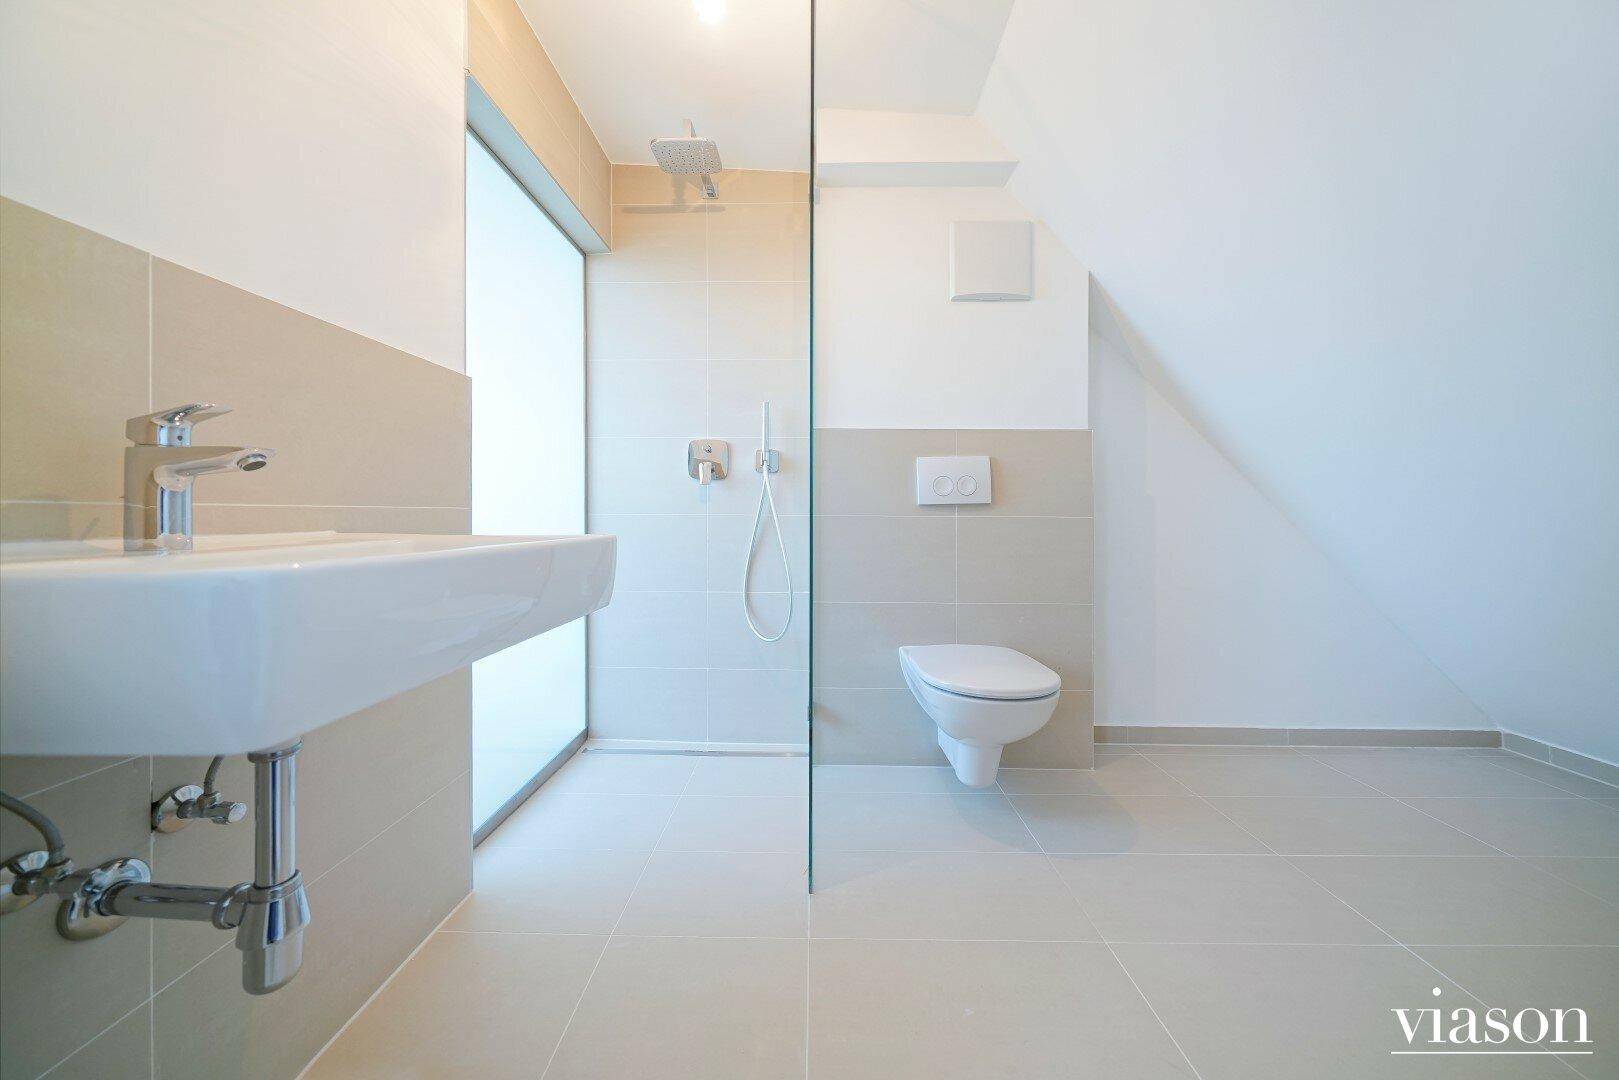 Badezimmer beim Schrankraum